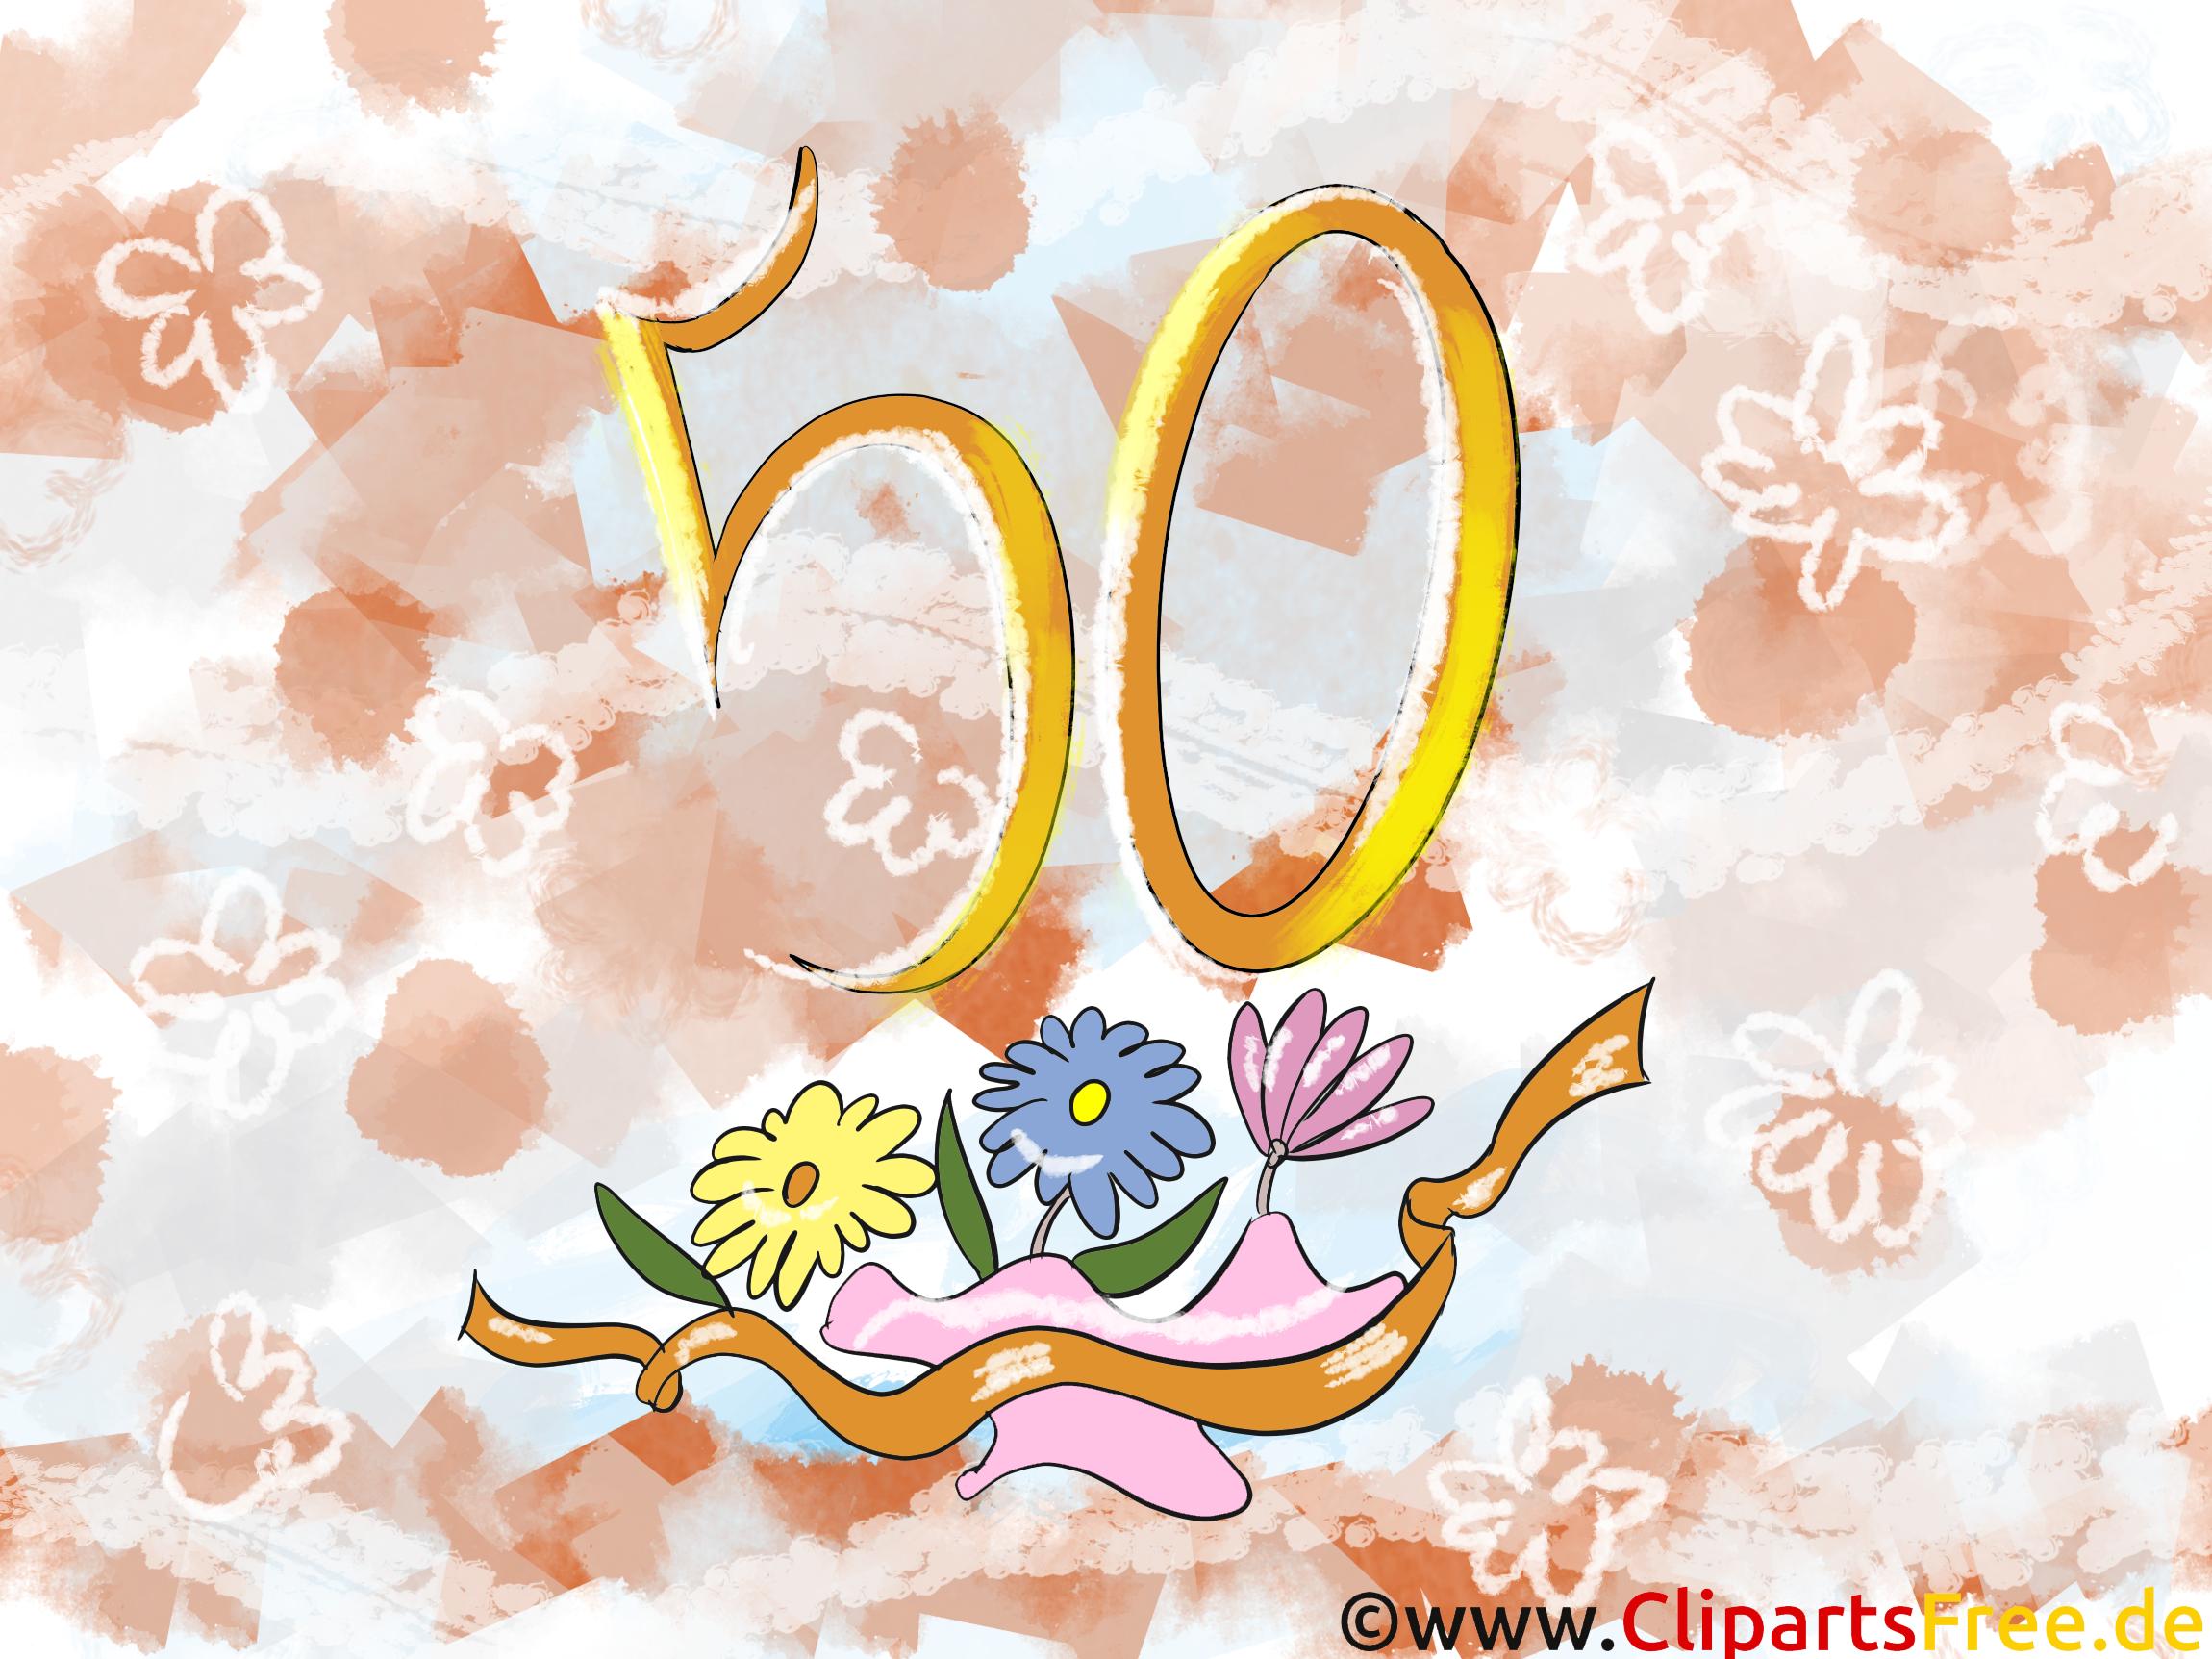 50 ans dessin t l charger anniversaire images anniversaire dessin picture image graphic - Dessin a telecharger ...